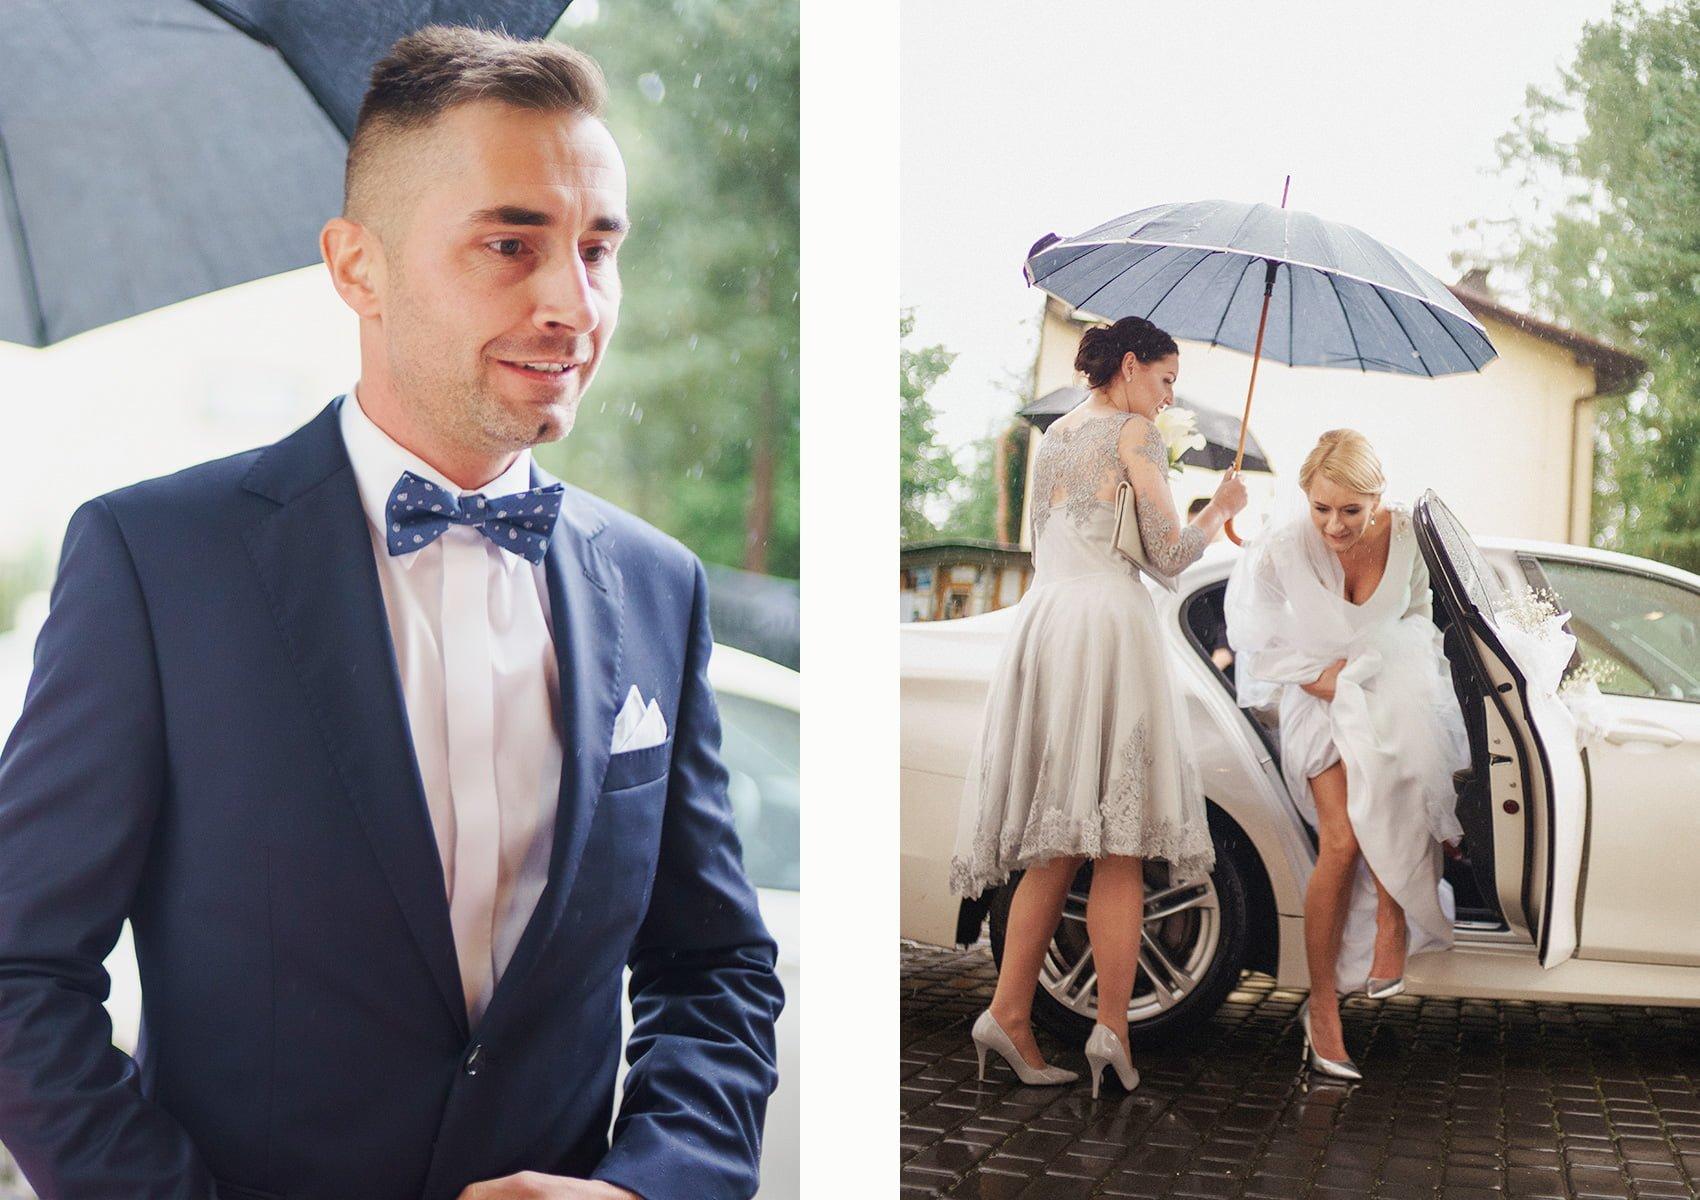 fotograf slub jastrzebie pawlowice klaudia pawel 17 - Hotel Dąbrówka - KLAUDIA & PAWEŁ